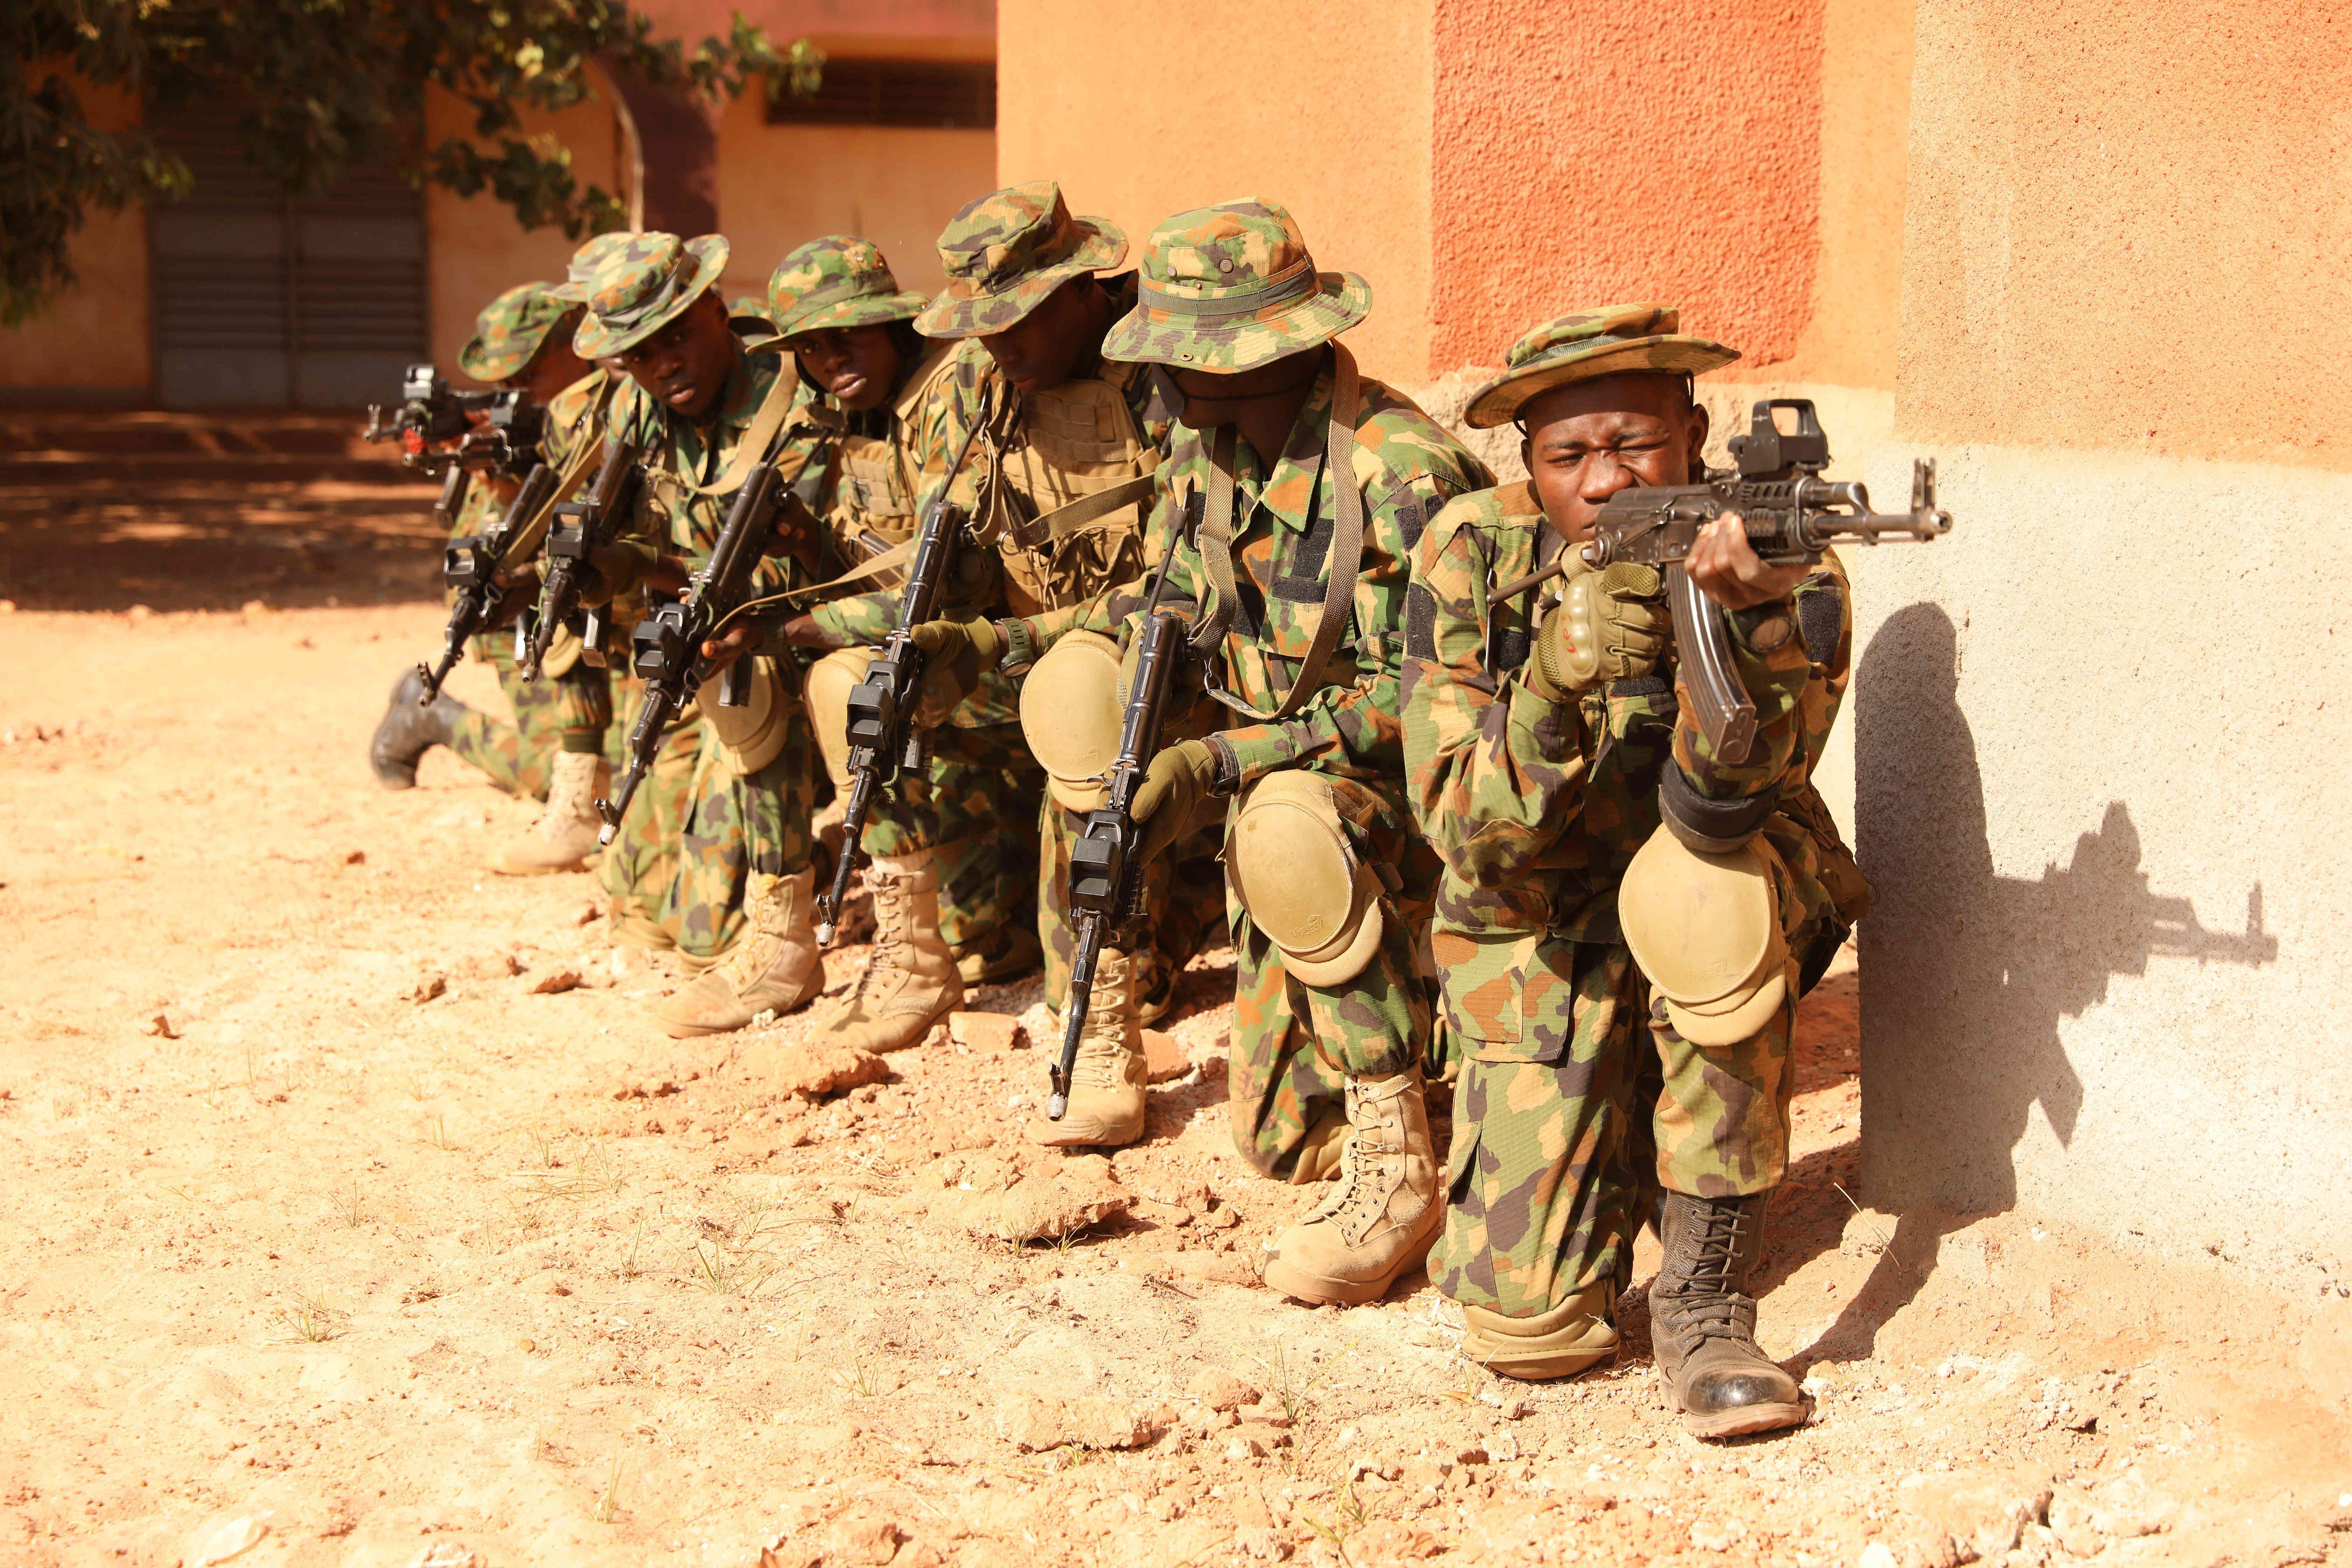 13/12/2020 Soldados nigerianos POLITICA AFRICA NIGERIA KYLE M. ALVAREZ / ZUMA PRESS / CONTACTOPHOTO